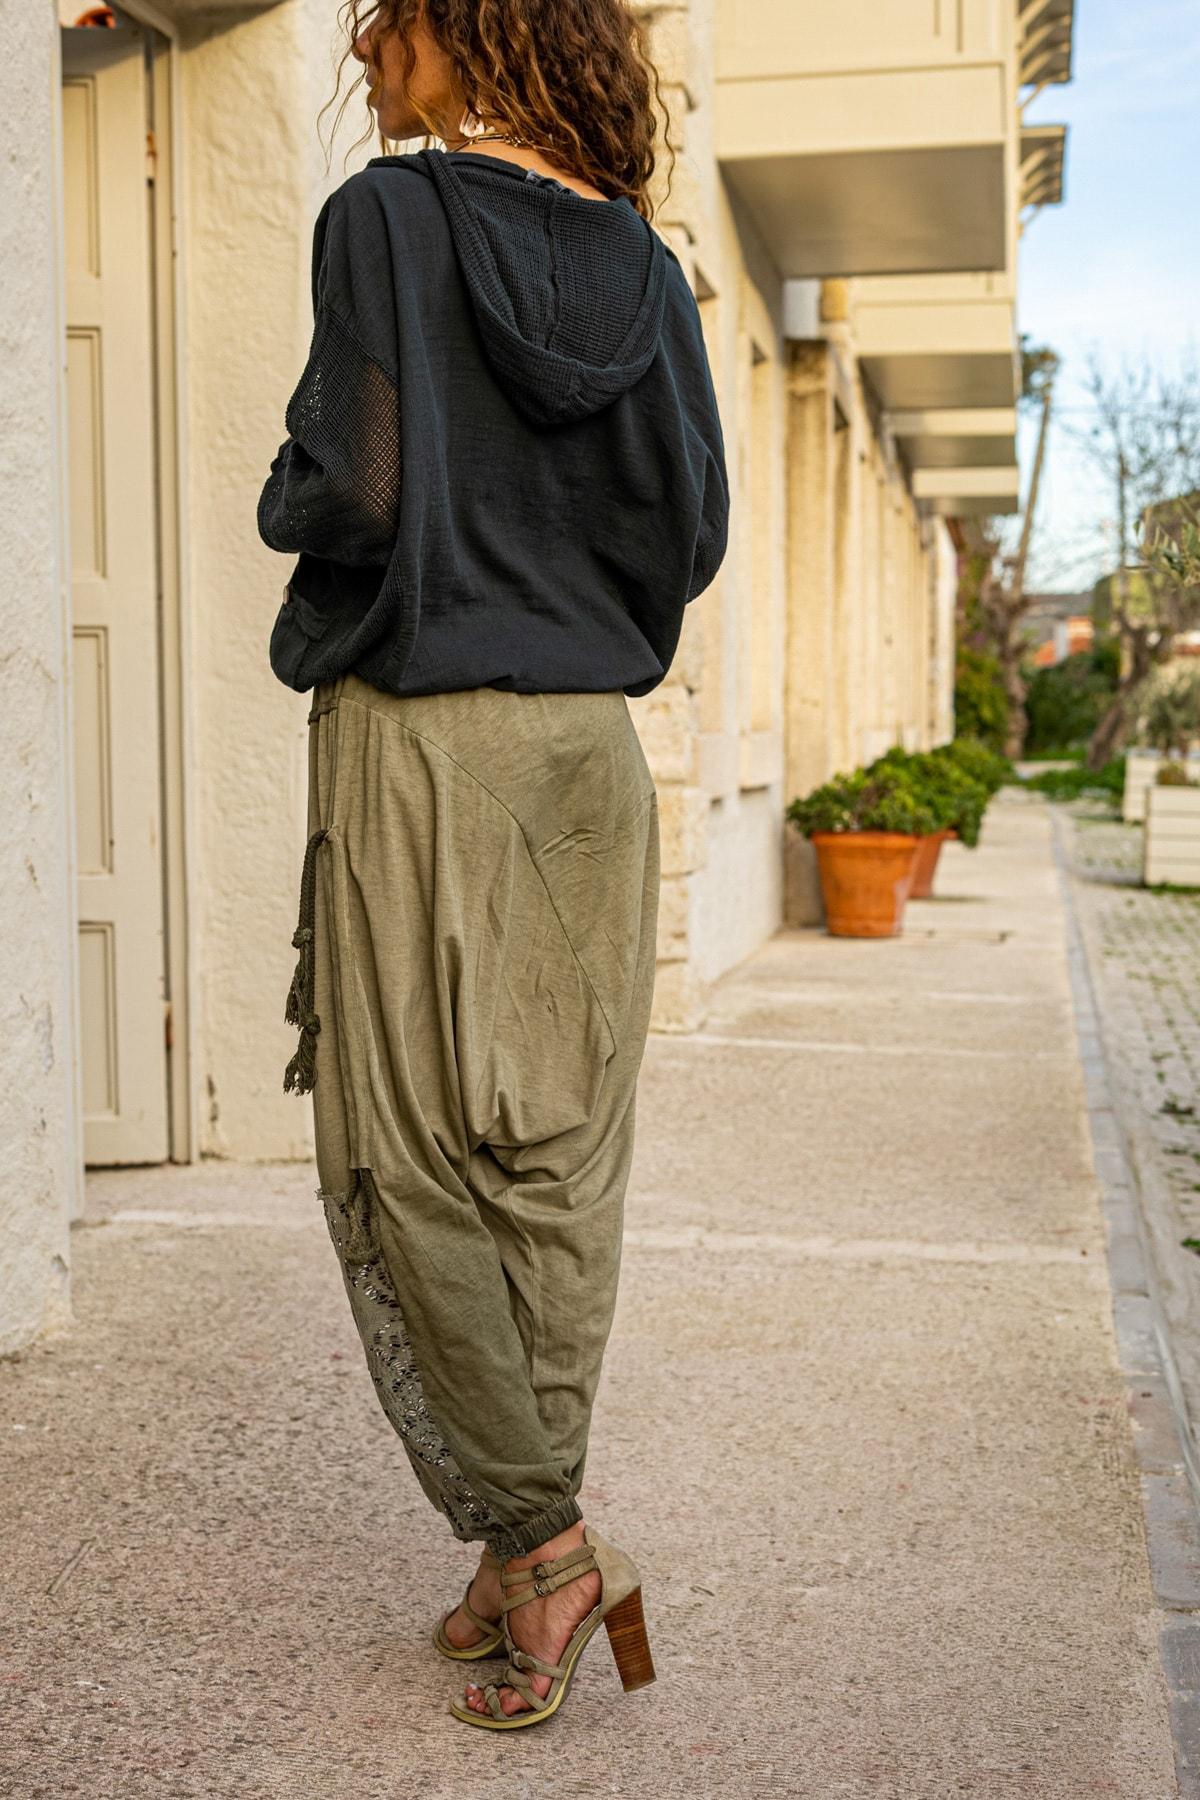 Güneşkızı Kadın Haki Yıkamalı Püsküllü Ajur Detaylı Şalvar Pantolon GK-RSD2024 3